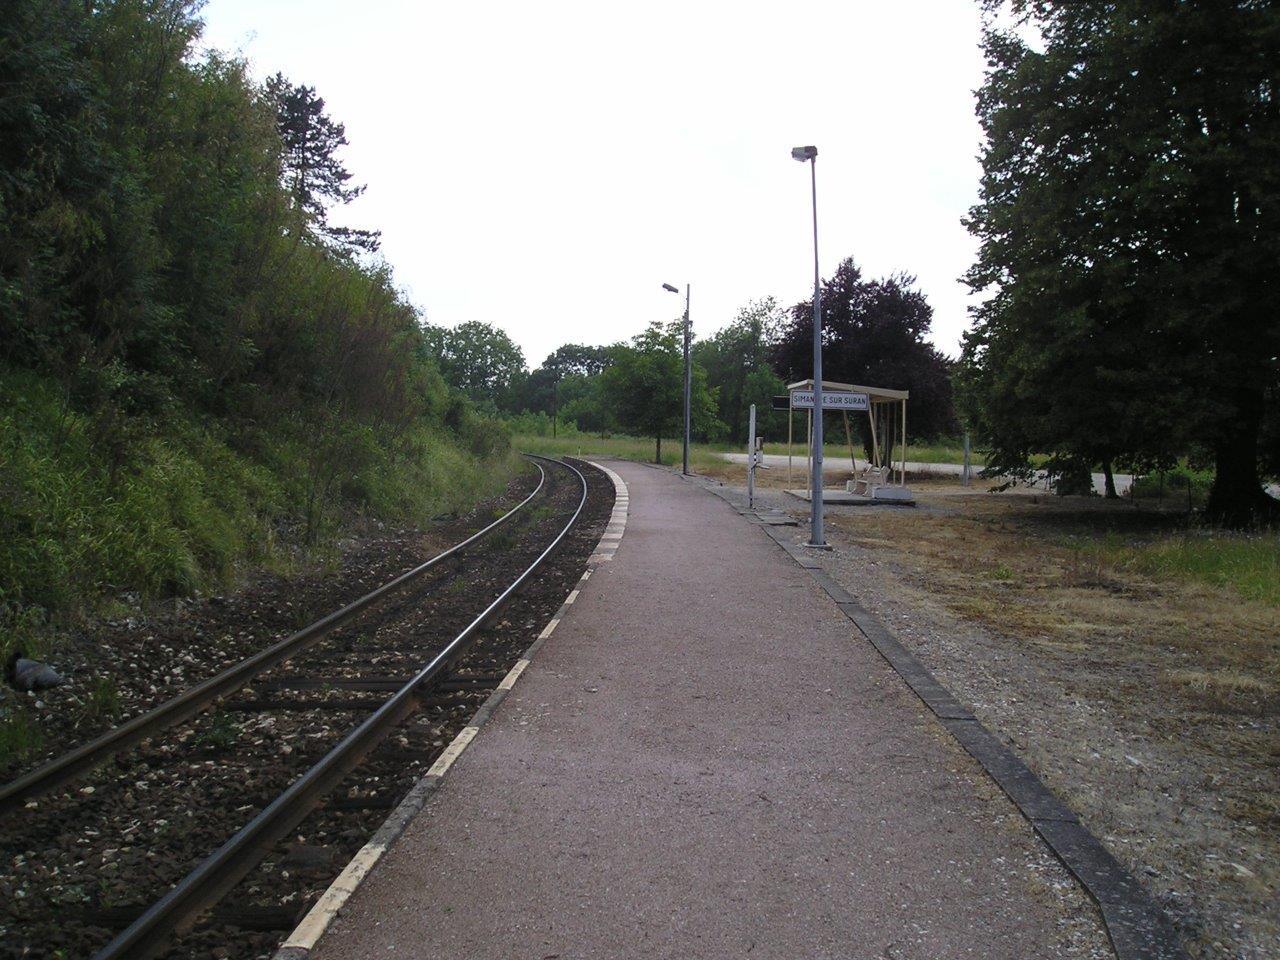 gare-de-simandre-sur-suran-train-station